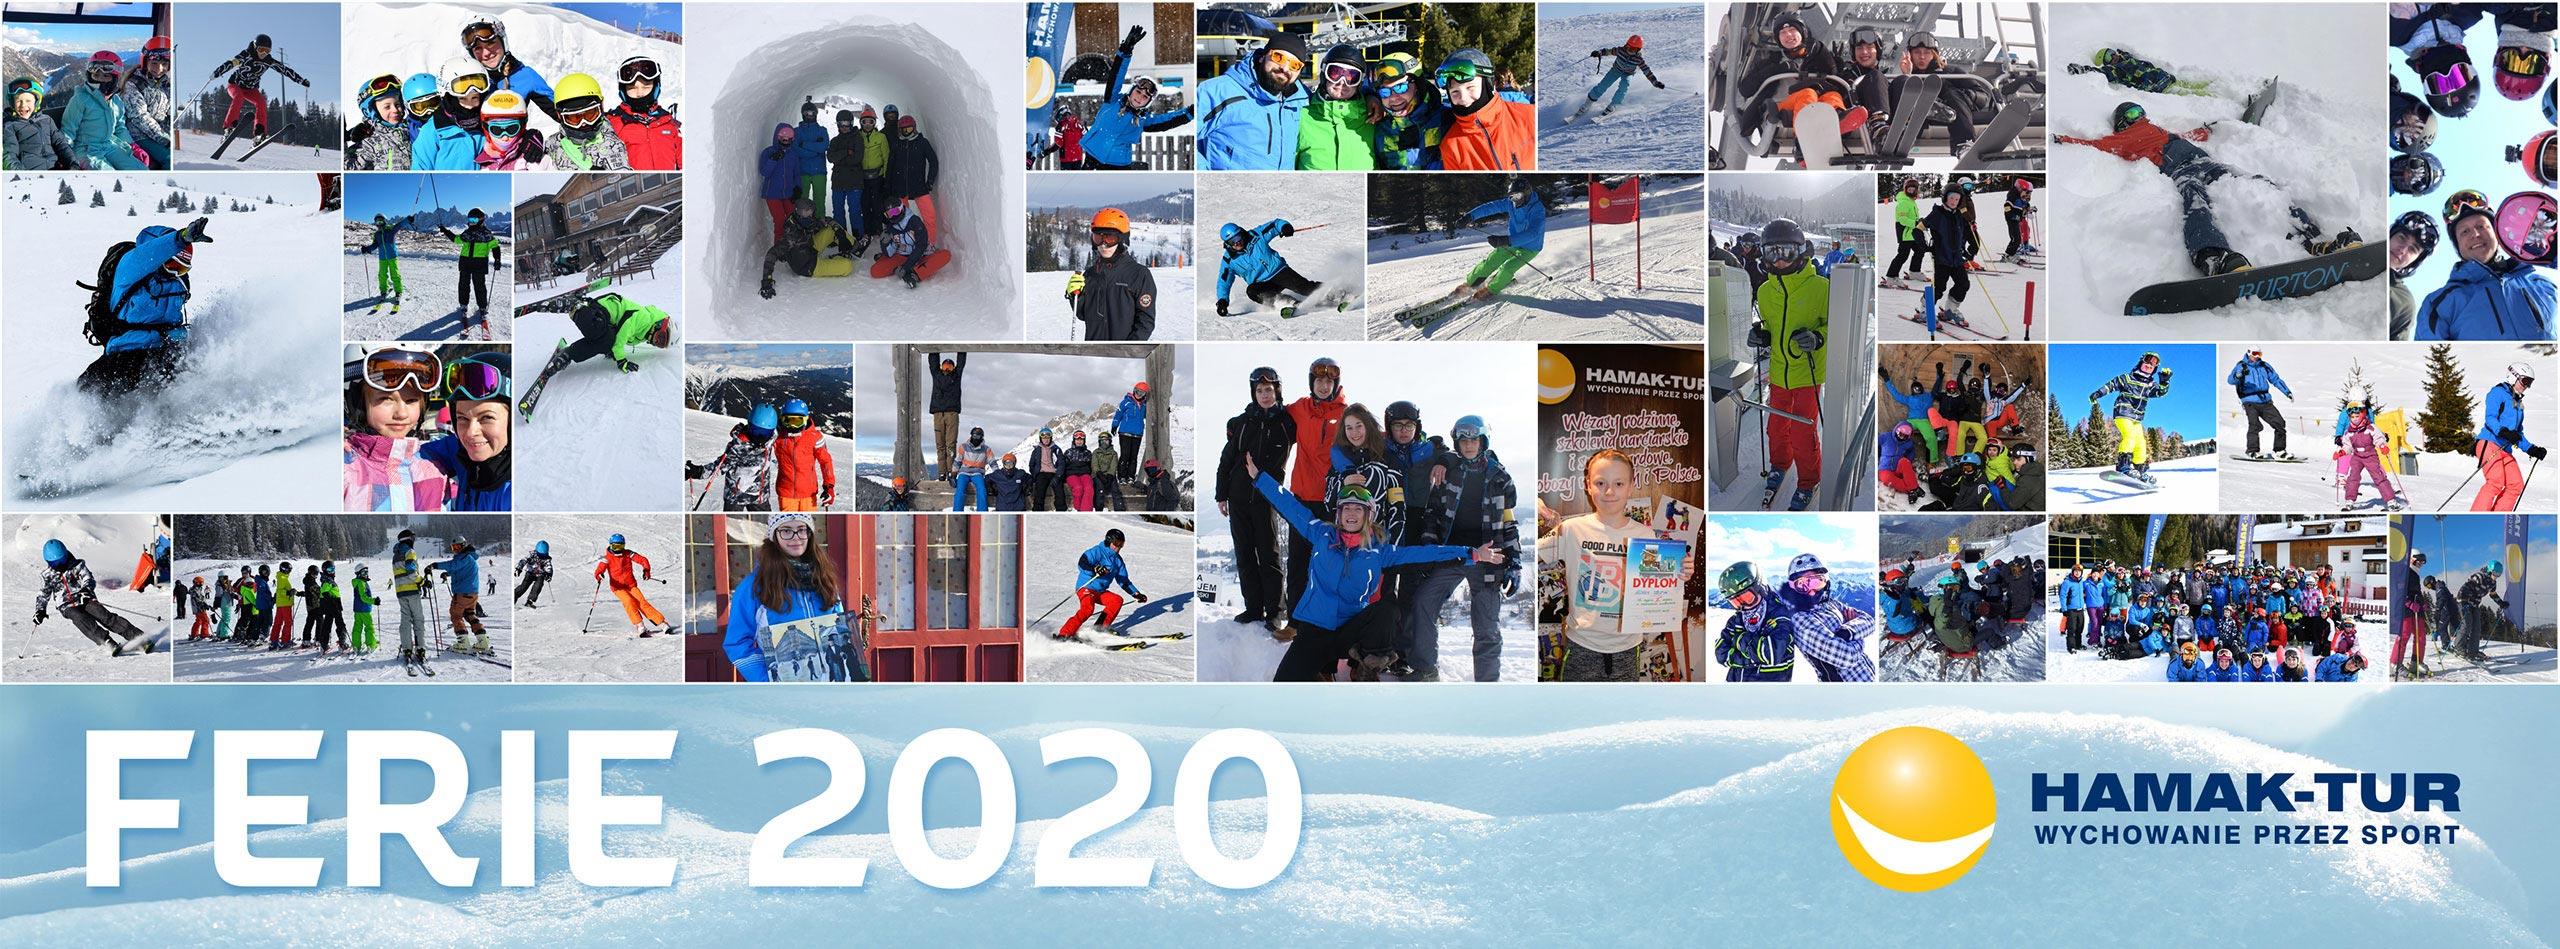 Ferie 2020 lista